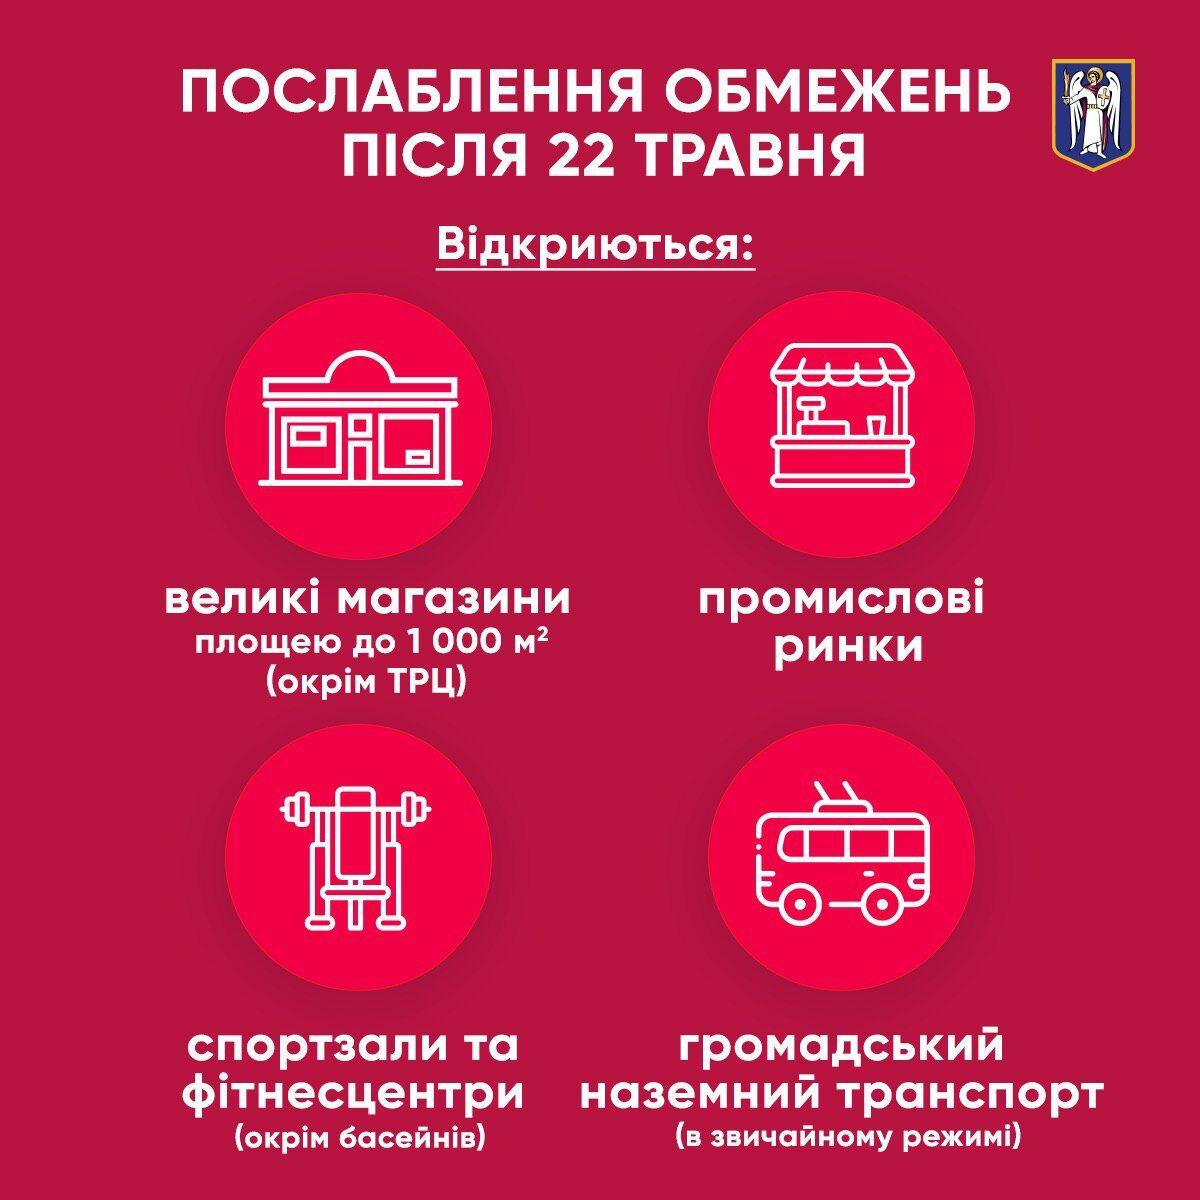 Ослабление карантина в Киеве с 22 мая